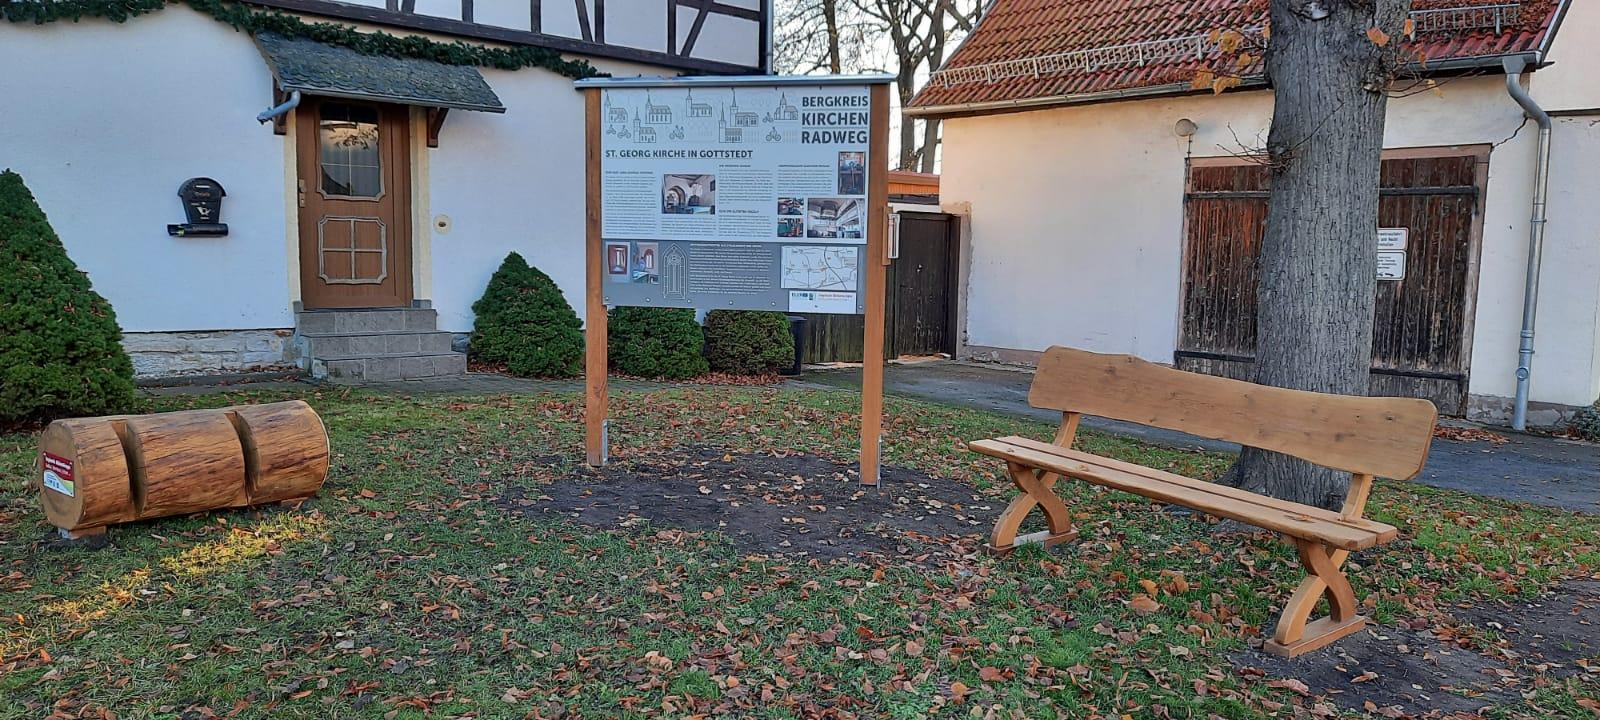 Neuer Rastplatz am Kirchenradweg in Gottstedt (Quelle: Thüringer Landgesellschaft mbH)